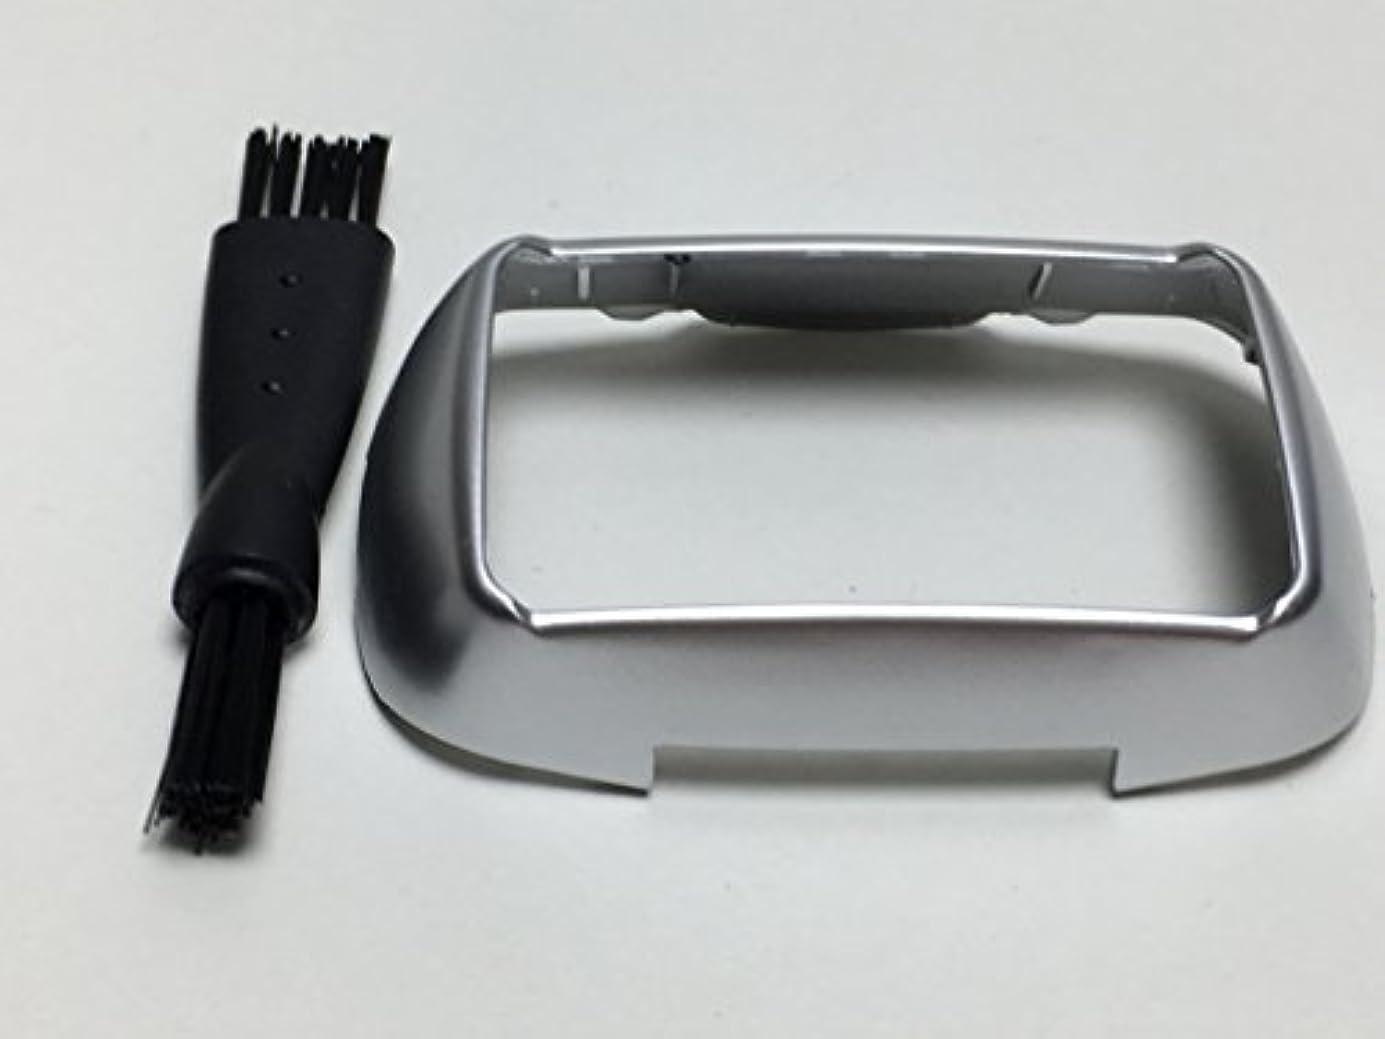 きらめきパフと遊ぶシェービングカミソリヘッドフレームホルダーカバー For Panasonic Arc5 ES-ELV9 ES-LV94 ES-LV9N ES-LV96 ES-LV96-S ES-CLV96 ES-LV95 ES-LV95...